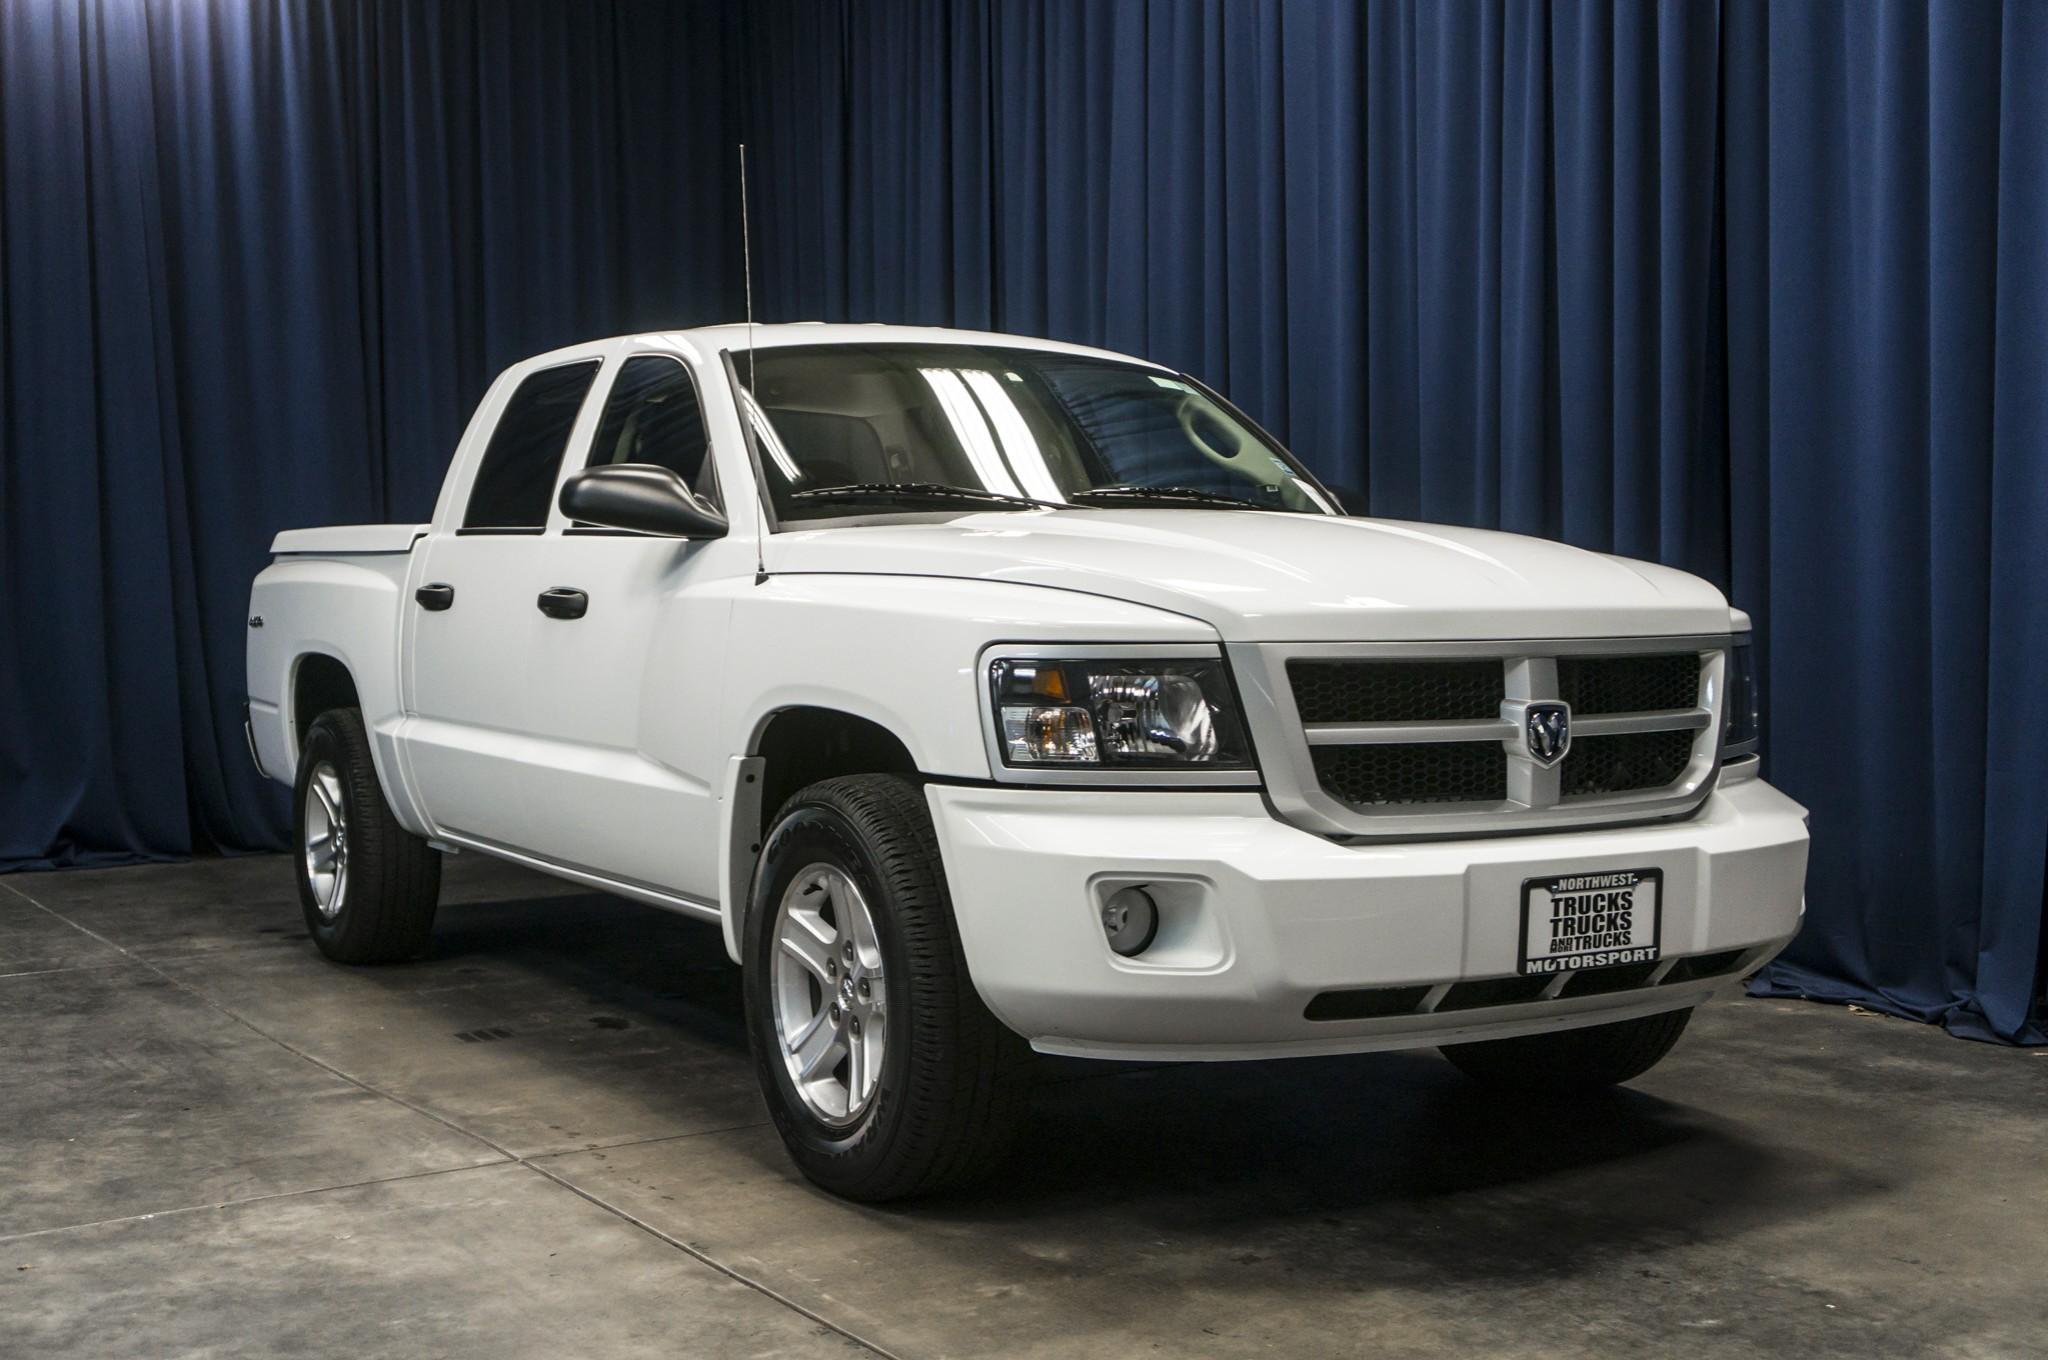 used 2011 dodge dakota big horn 4x4 truck for sale 37741. Black Bedroom Furniture Sets. Home Design Ideas